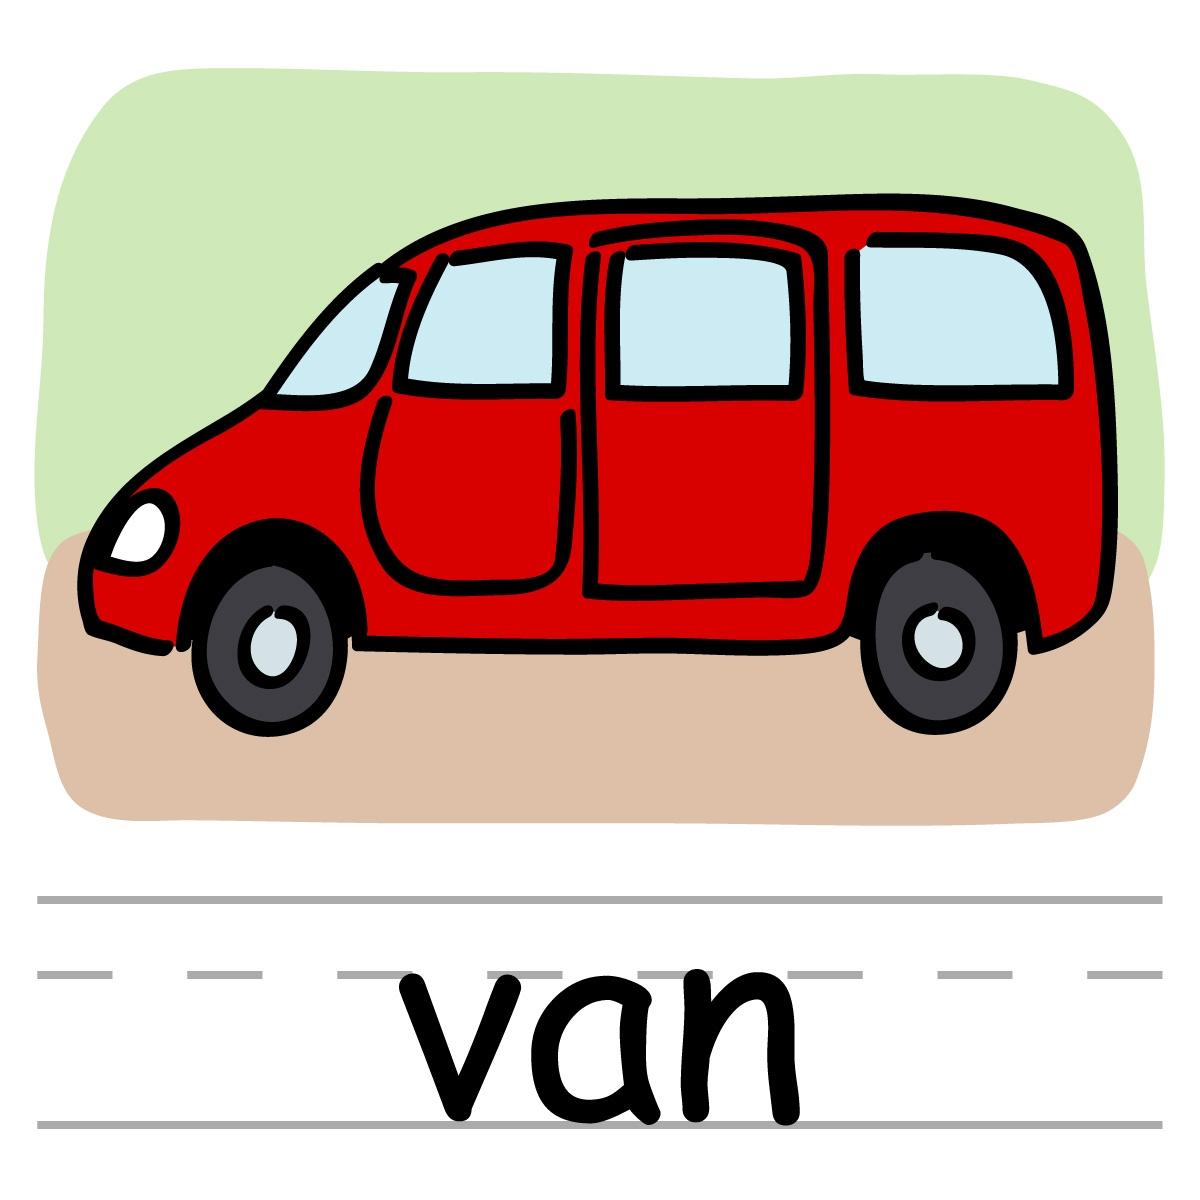 1200x1200 Clipart Images Of Van